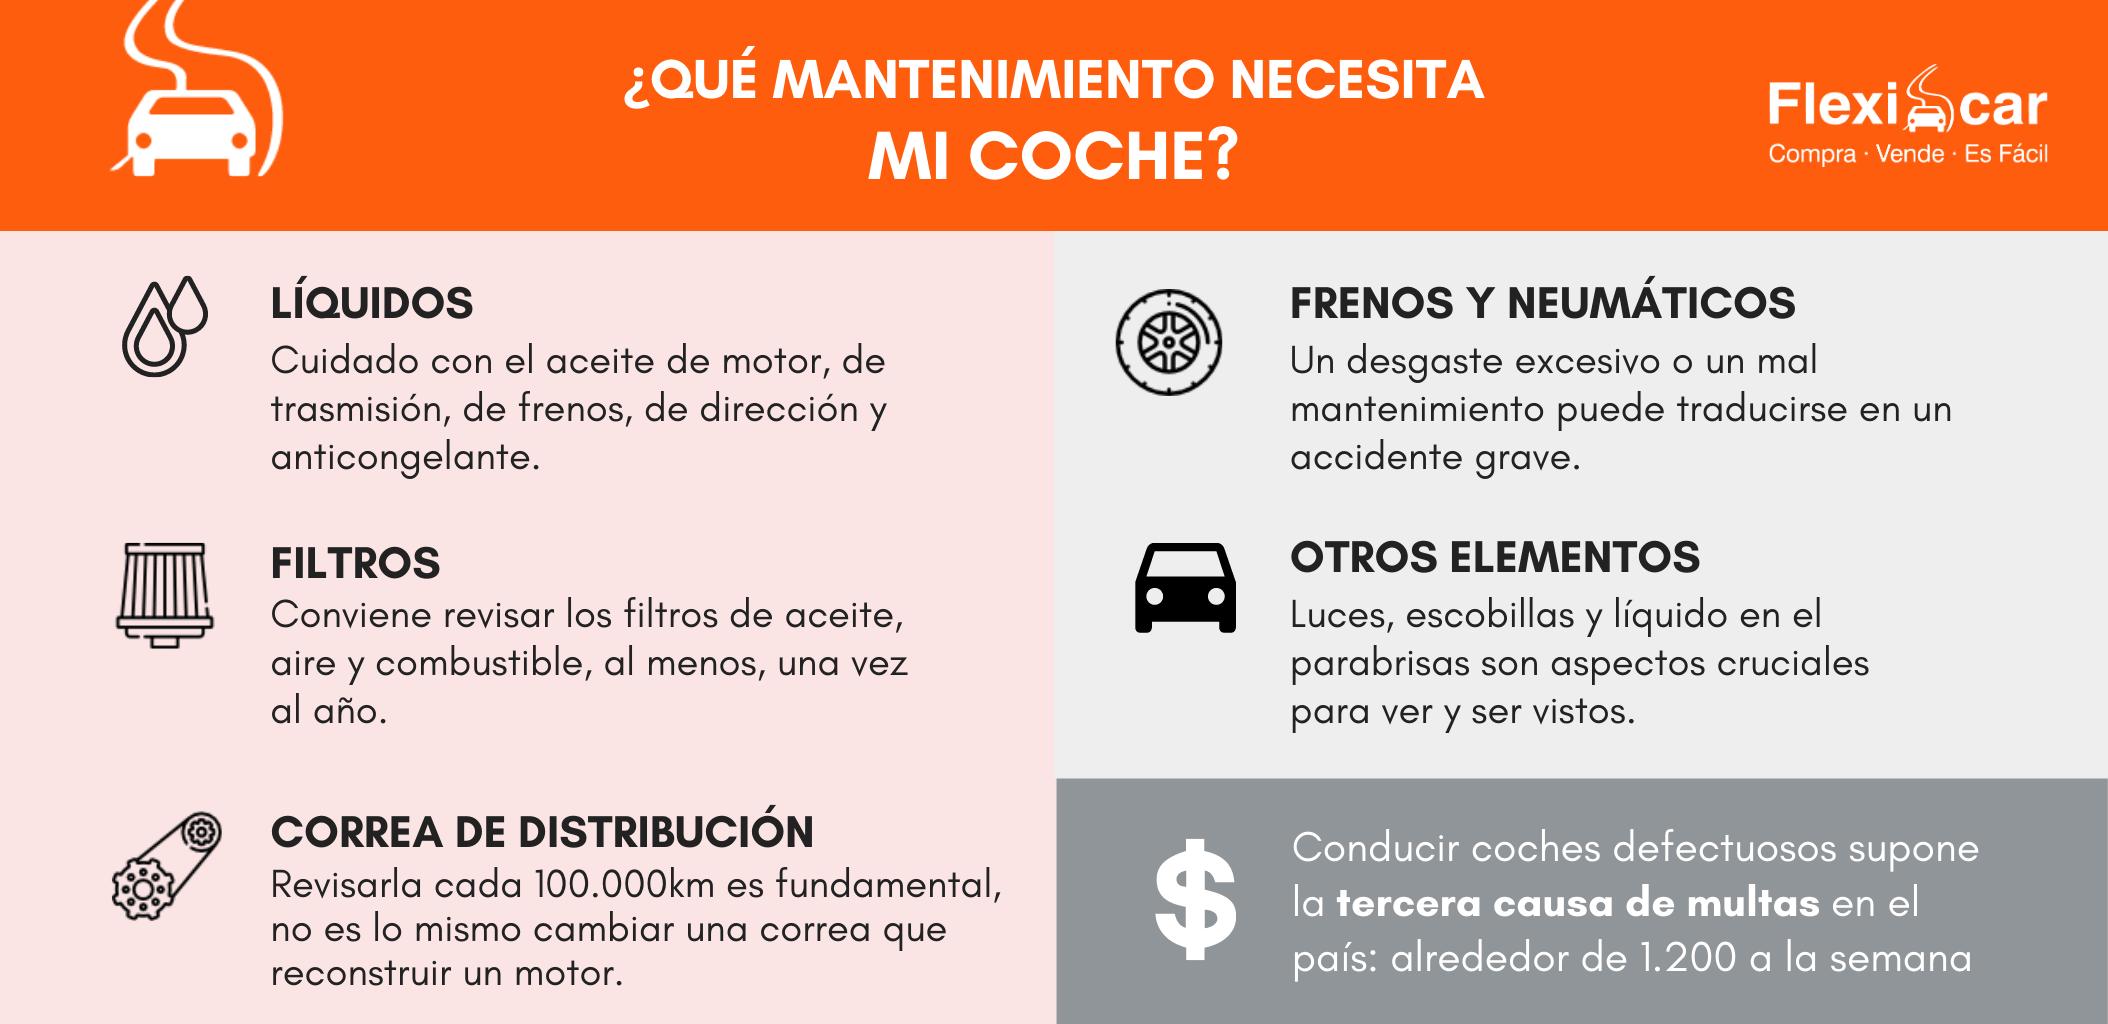 Infografía mantenimiento coche vehículo